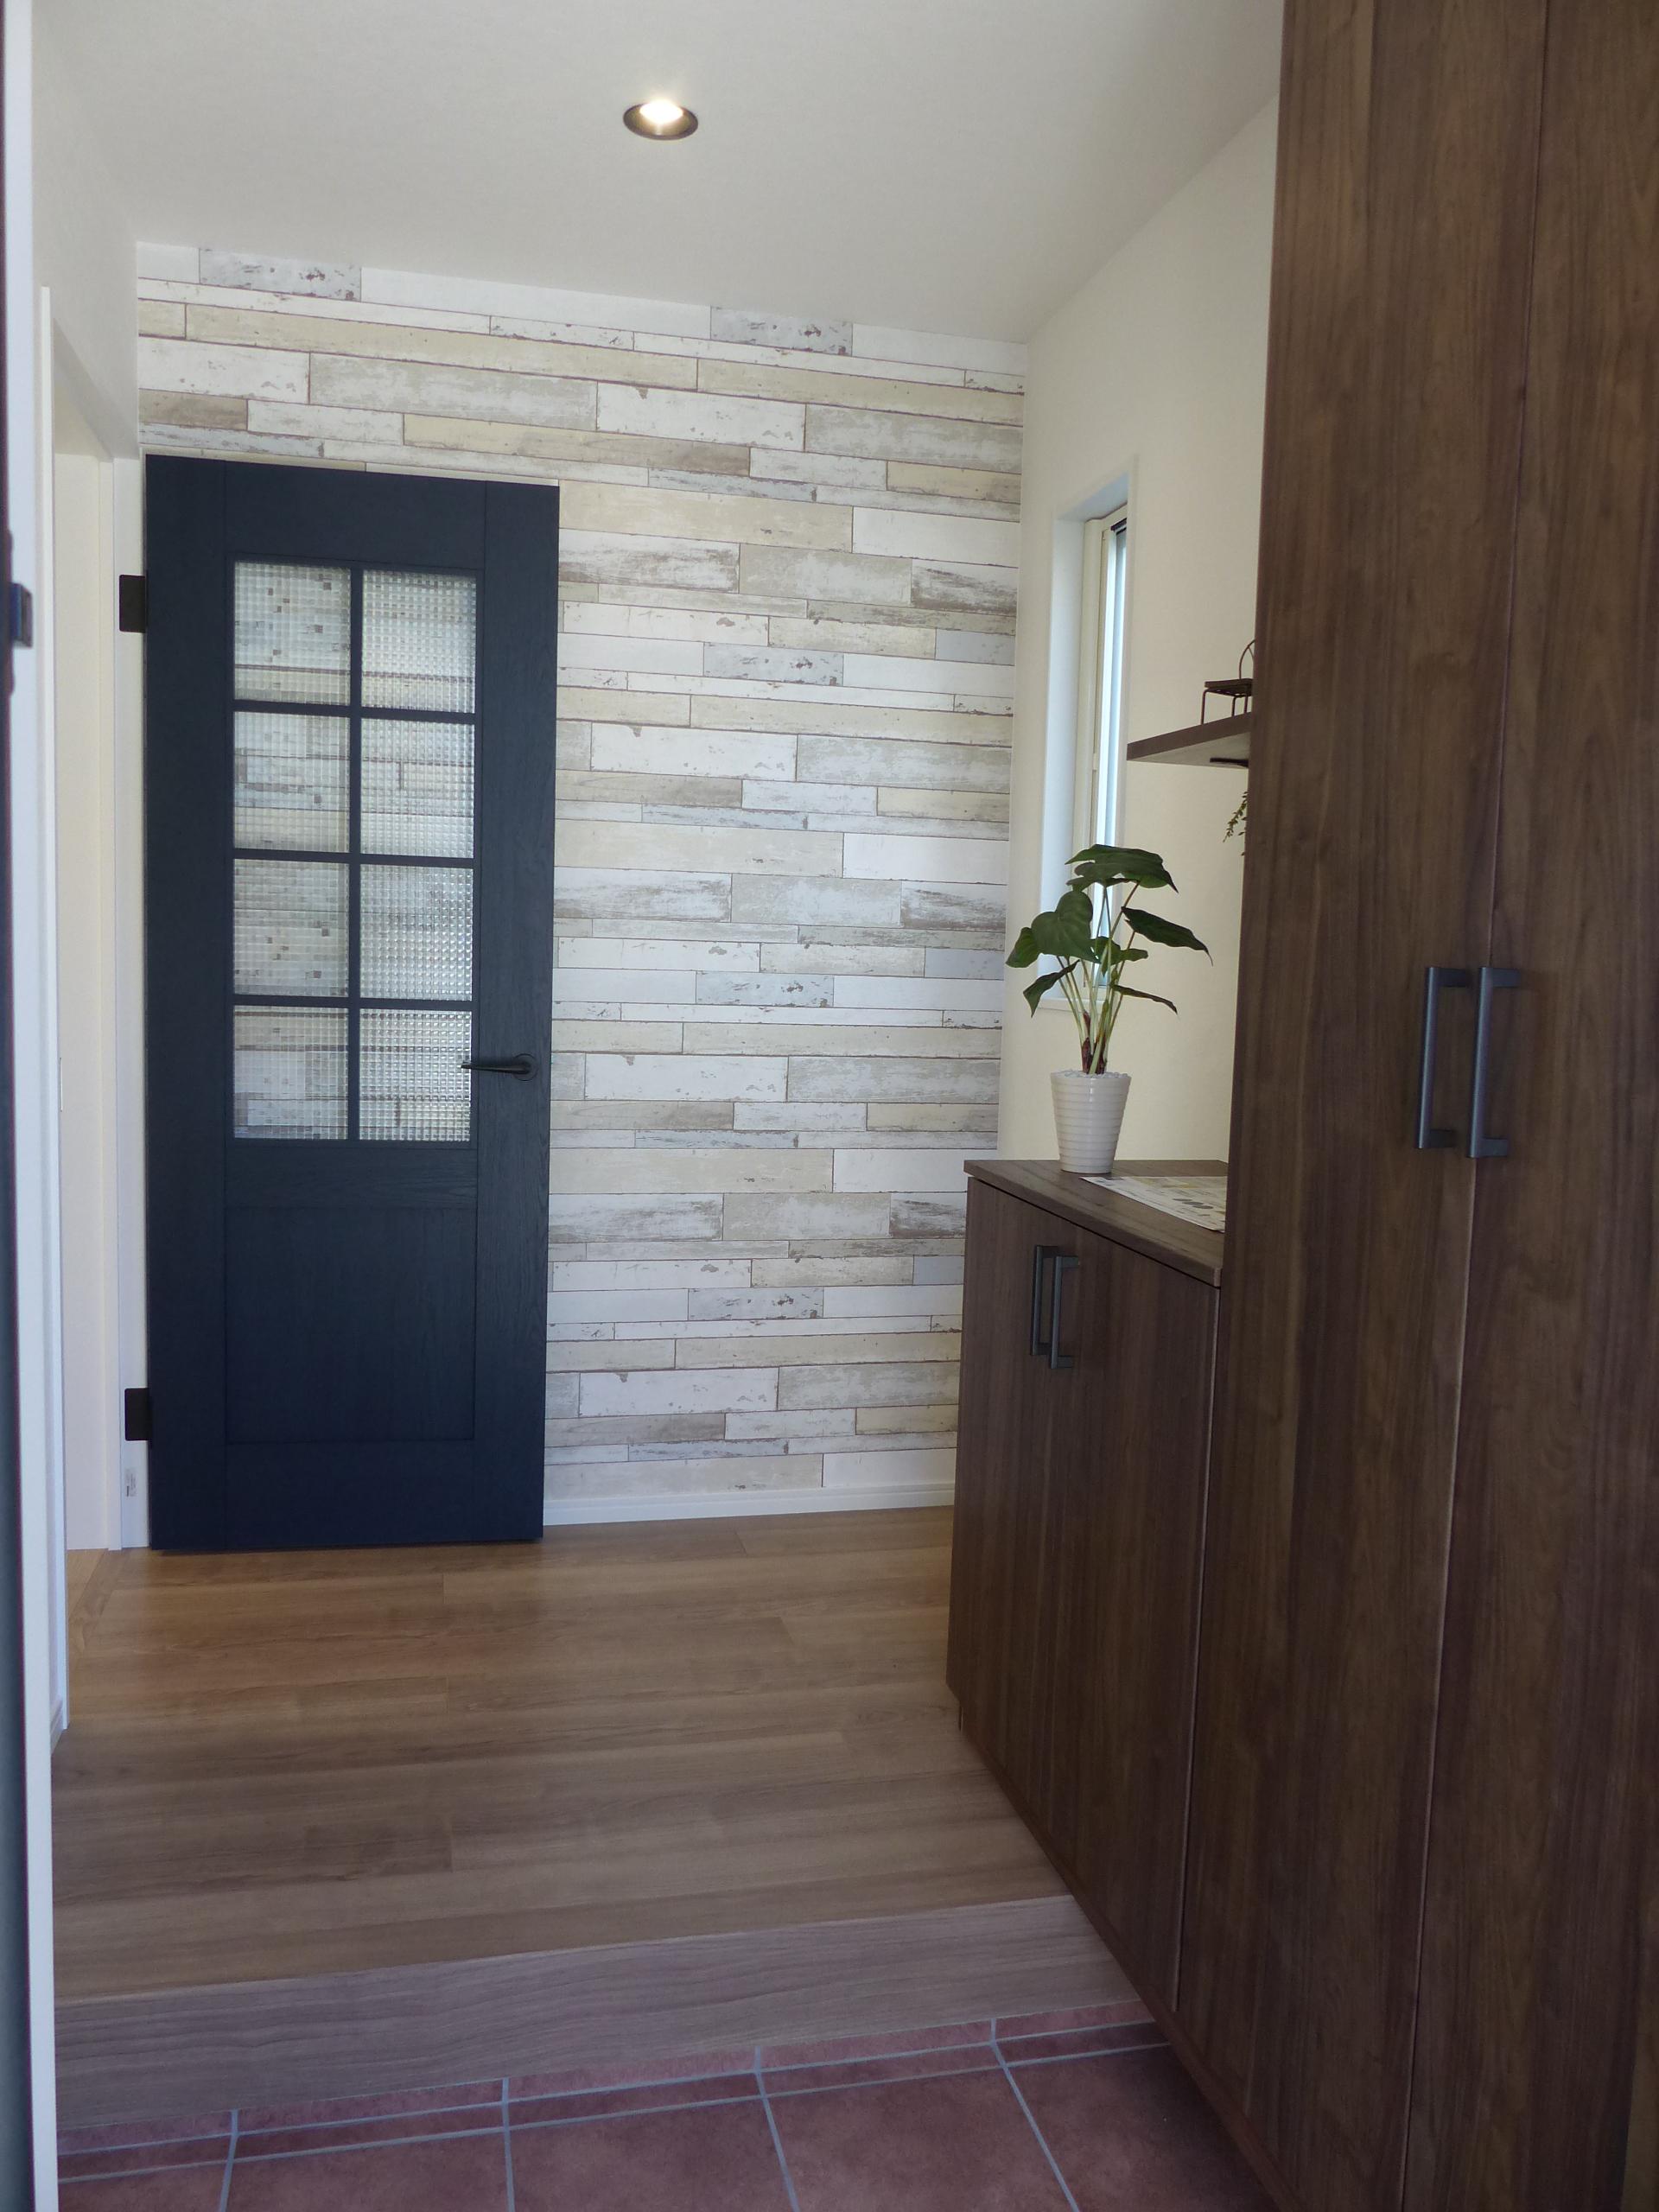 内装ドアには「VERITISCRAFT LABEL」を採用。市販の塗料で塗ったり、市販のアクセサリープレートを取り付けることも可能。 カスタマイズして自分好みに仕立てていくなど、住まいや空間の変化も楽しむことができます。